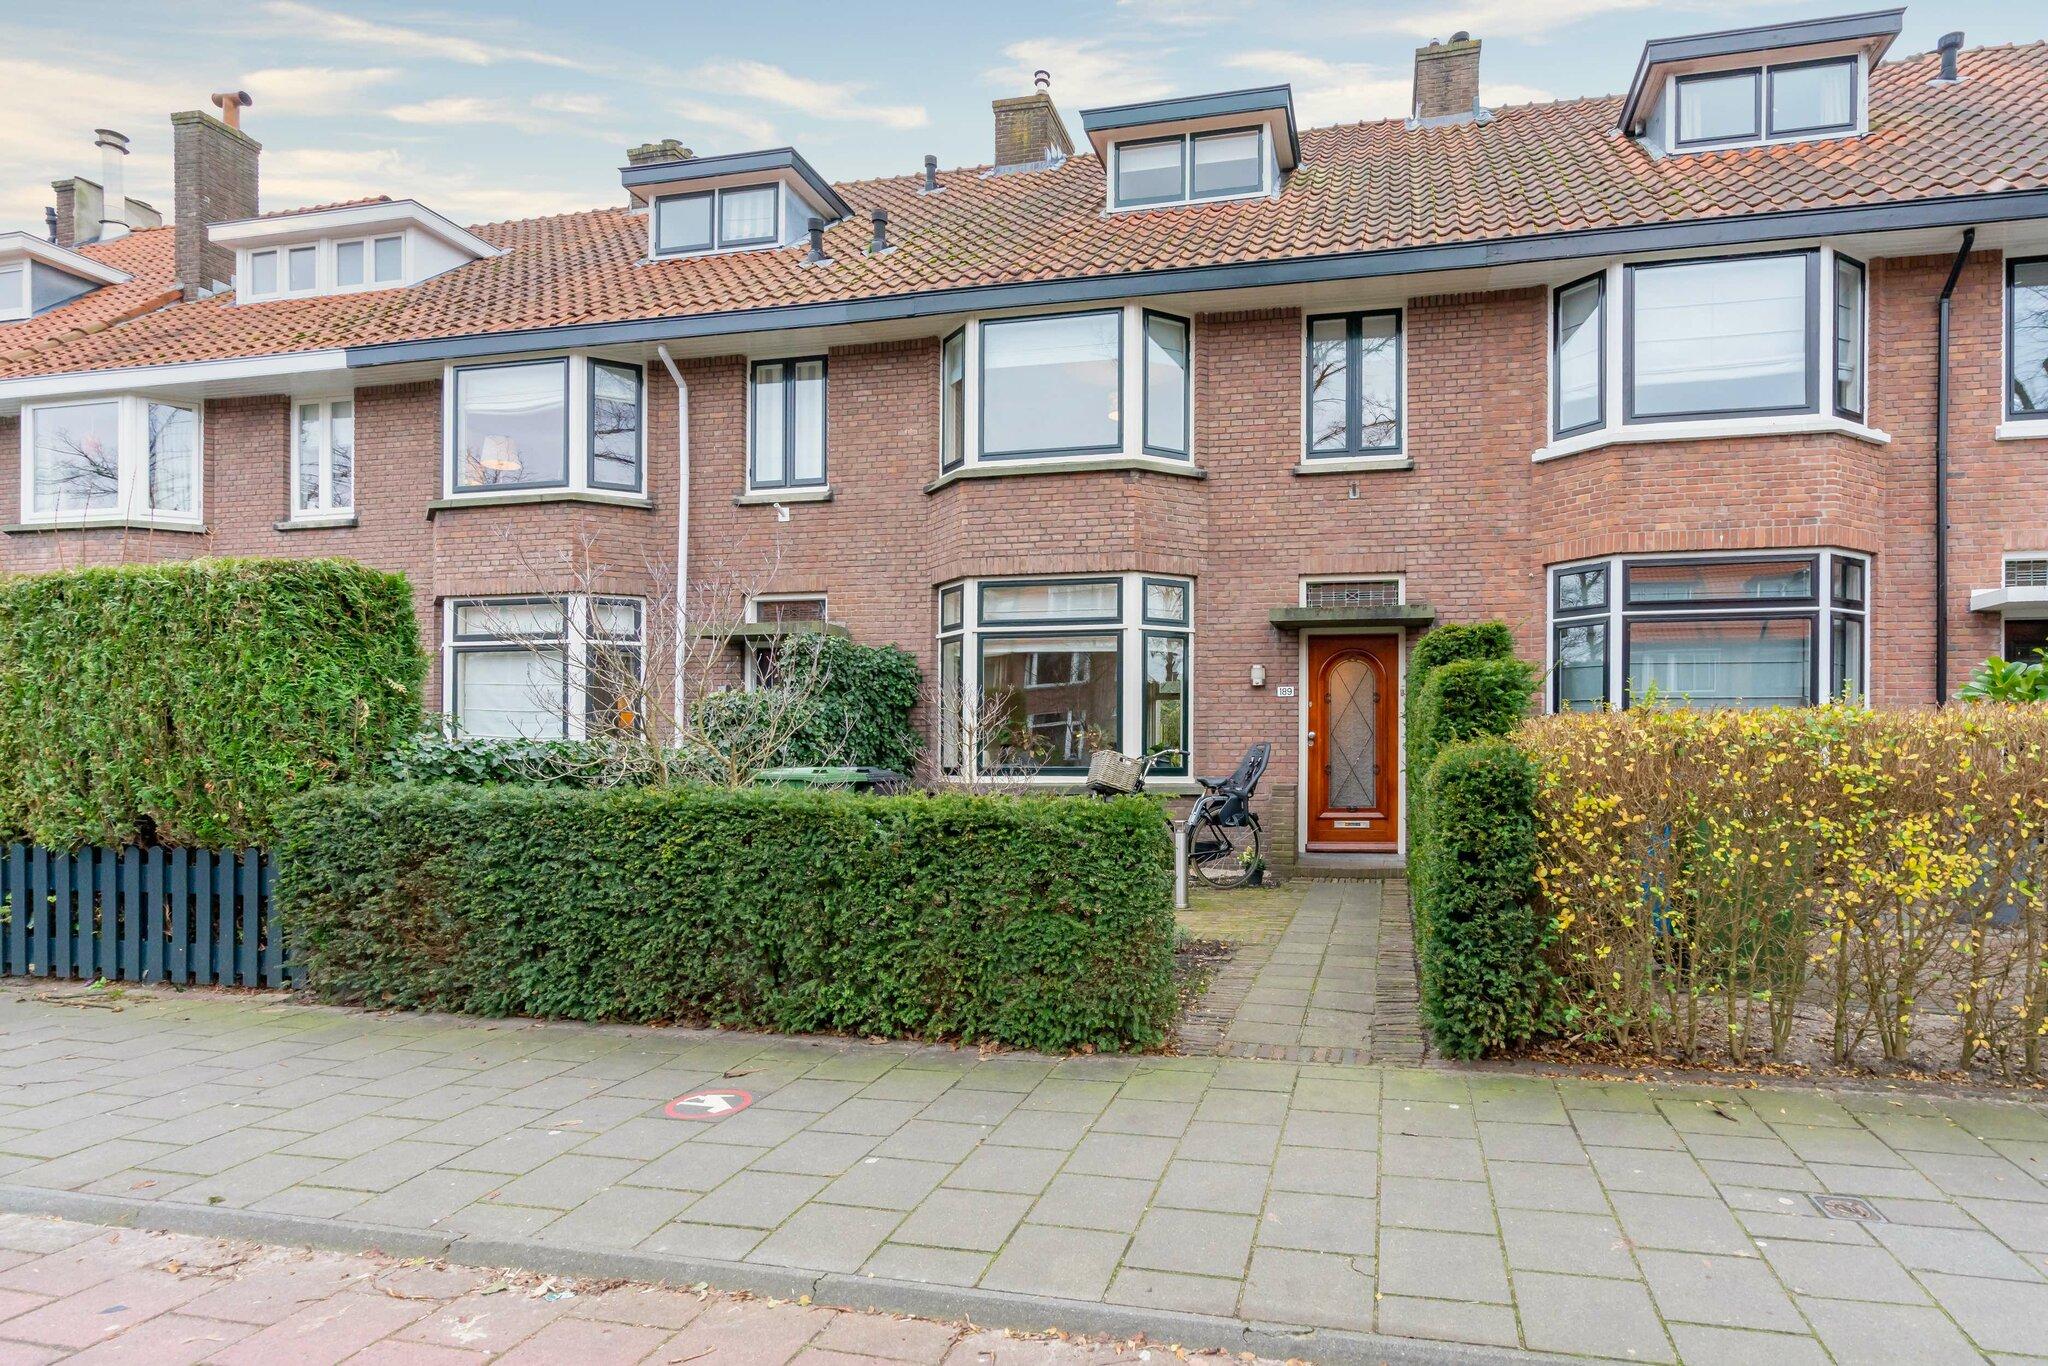 Van Zuylen van Nijeveltstraat 189 te Wassenaar